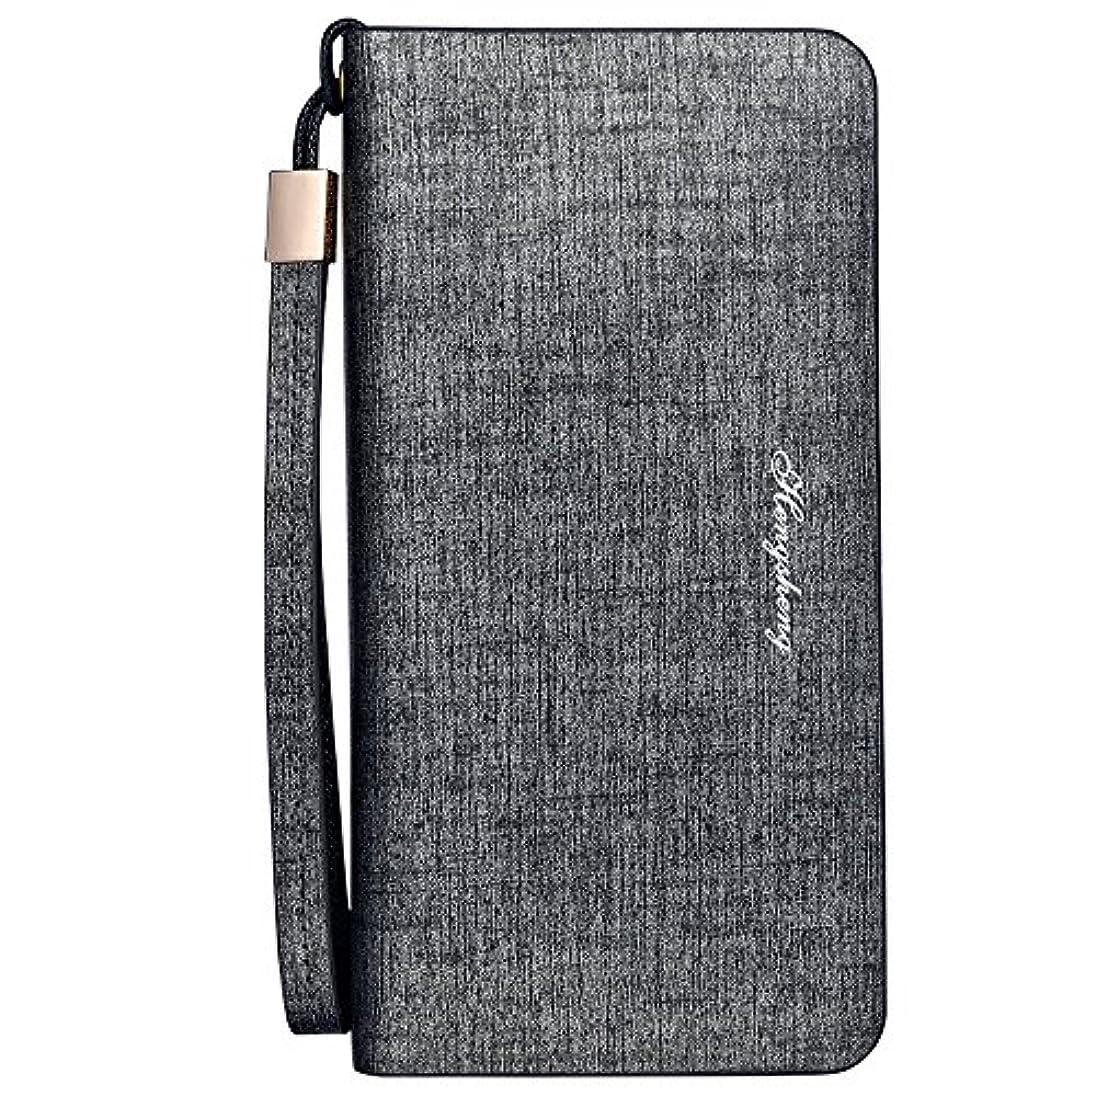 タービン無実腹長財布 ファスナー付き メンズ PUレザー 大容量 高級感溢れる財布 ギフトやプレゼント